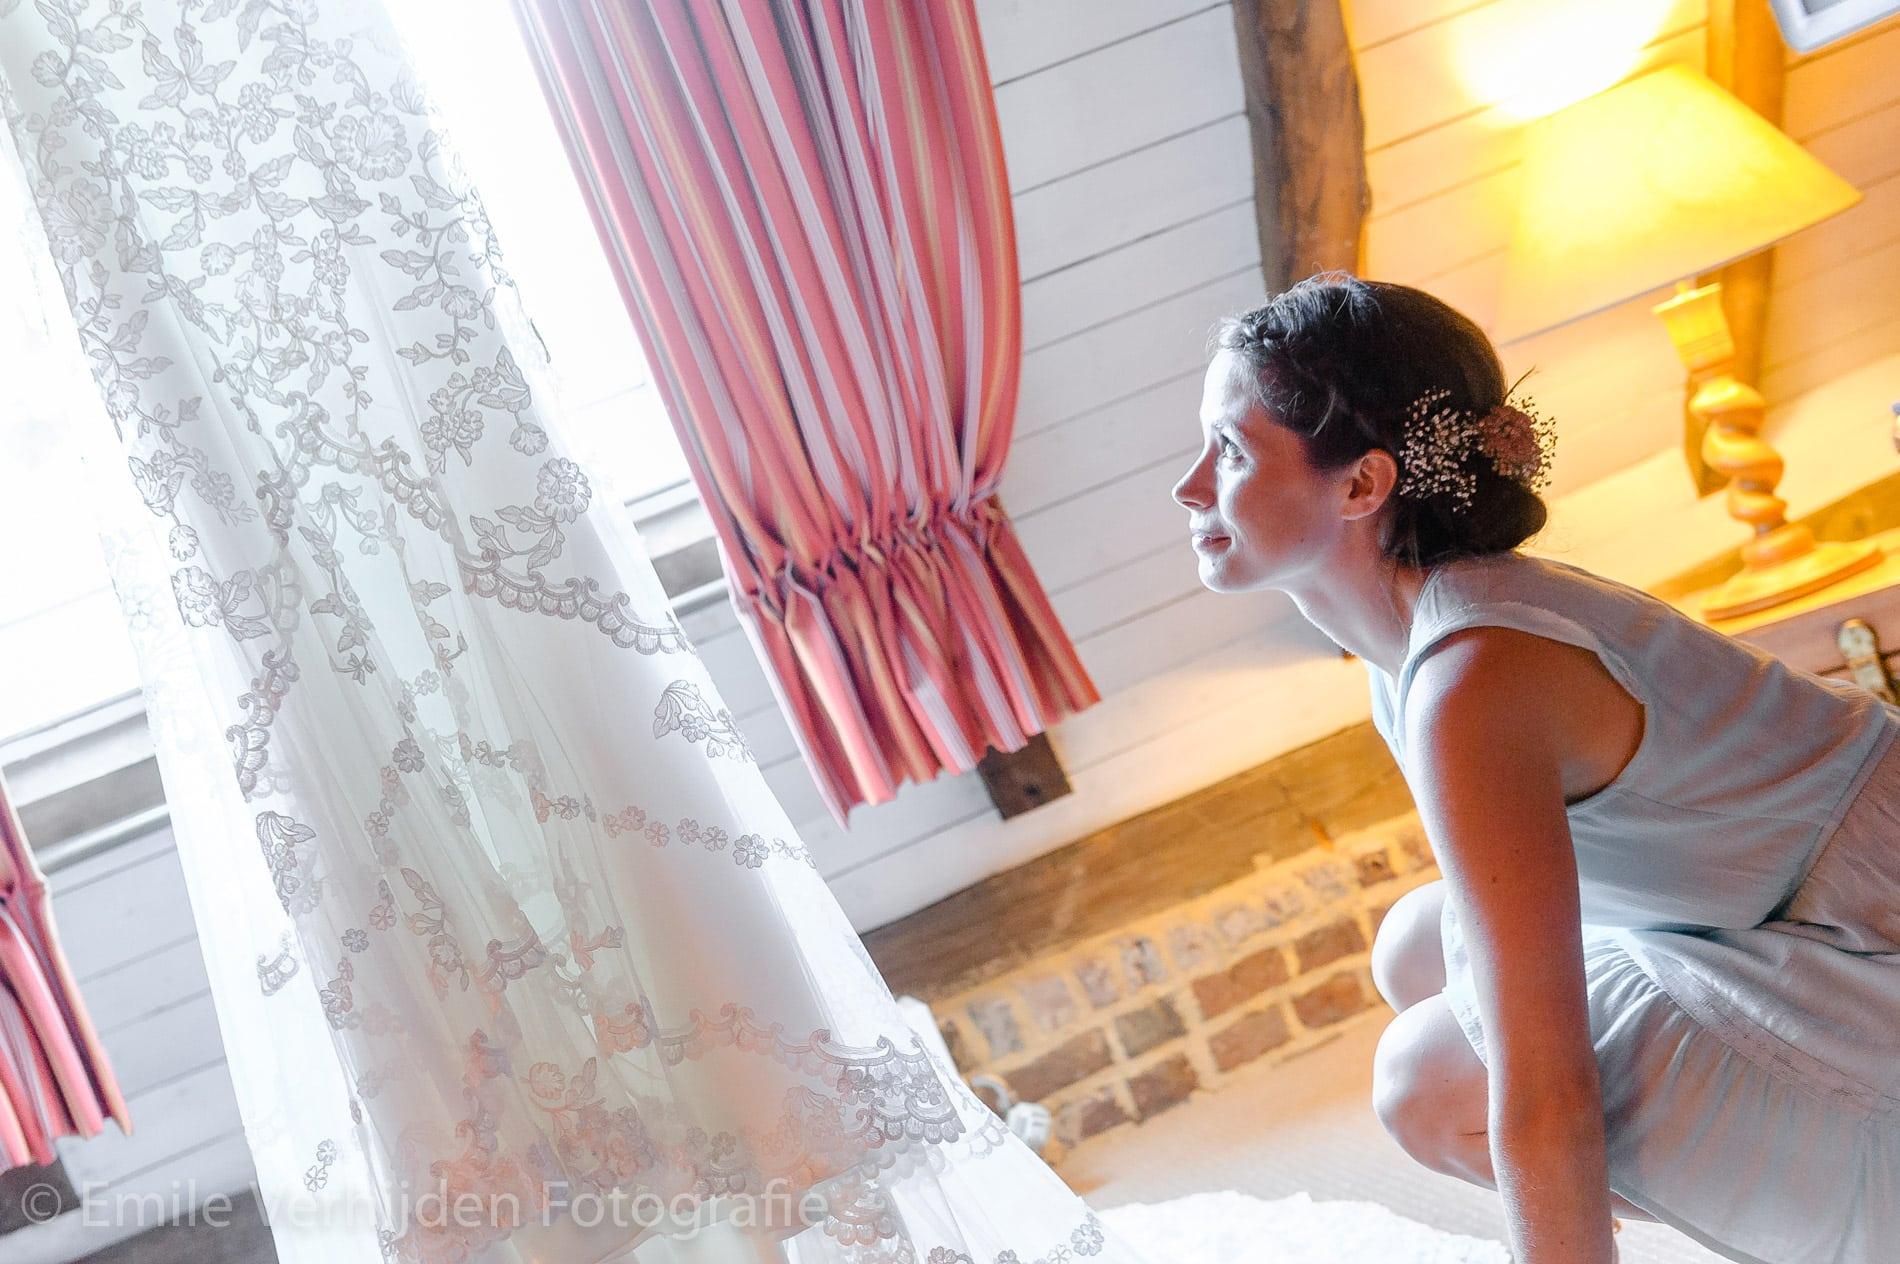 De bruid kijkt naar de jurk - Bruidsfotografie Winselerhof Landgraaf - Kerkrade